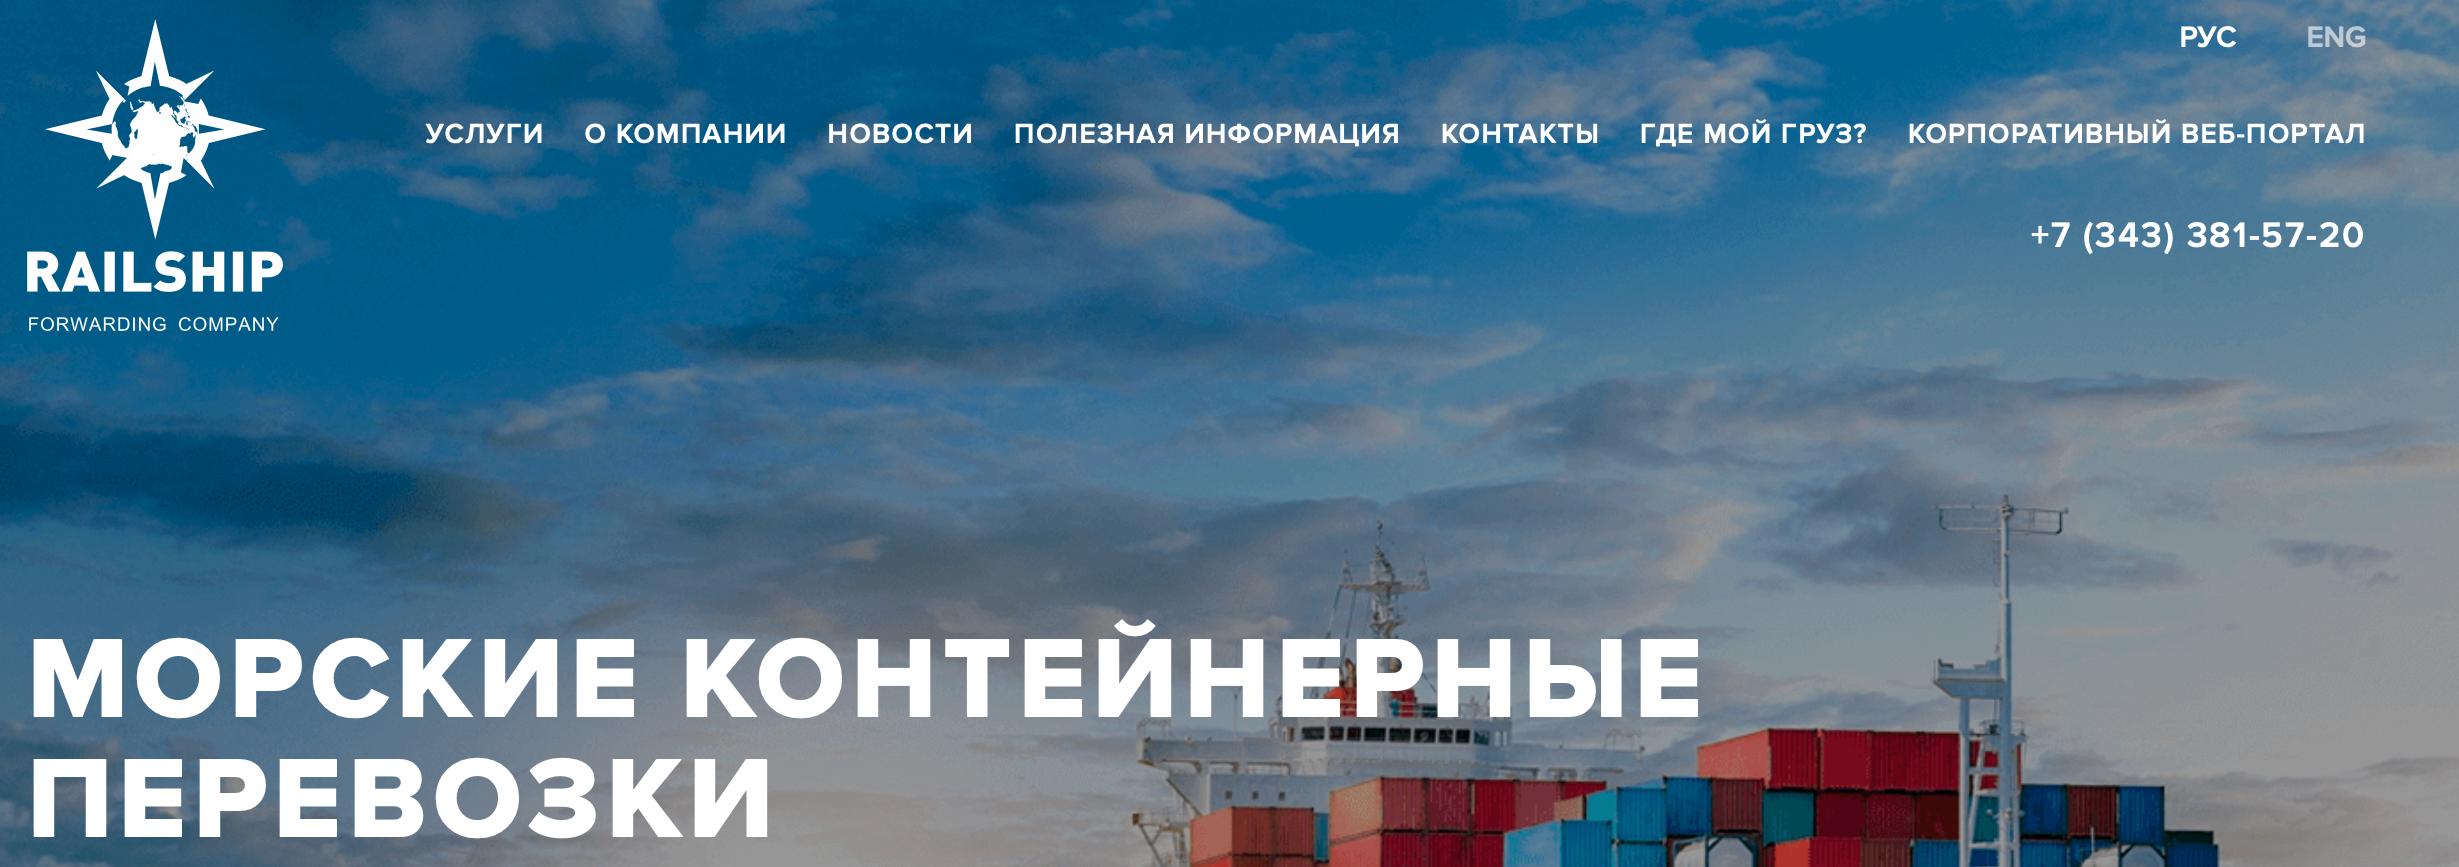 Морские контейнерные перевозки от ООО «Рейлшип сервис»